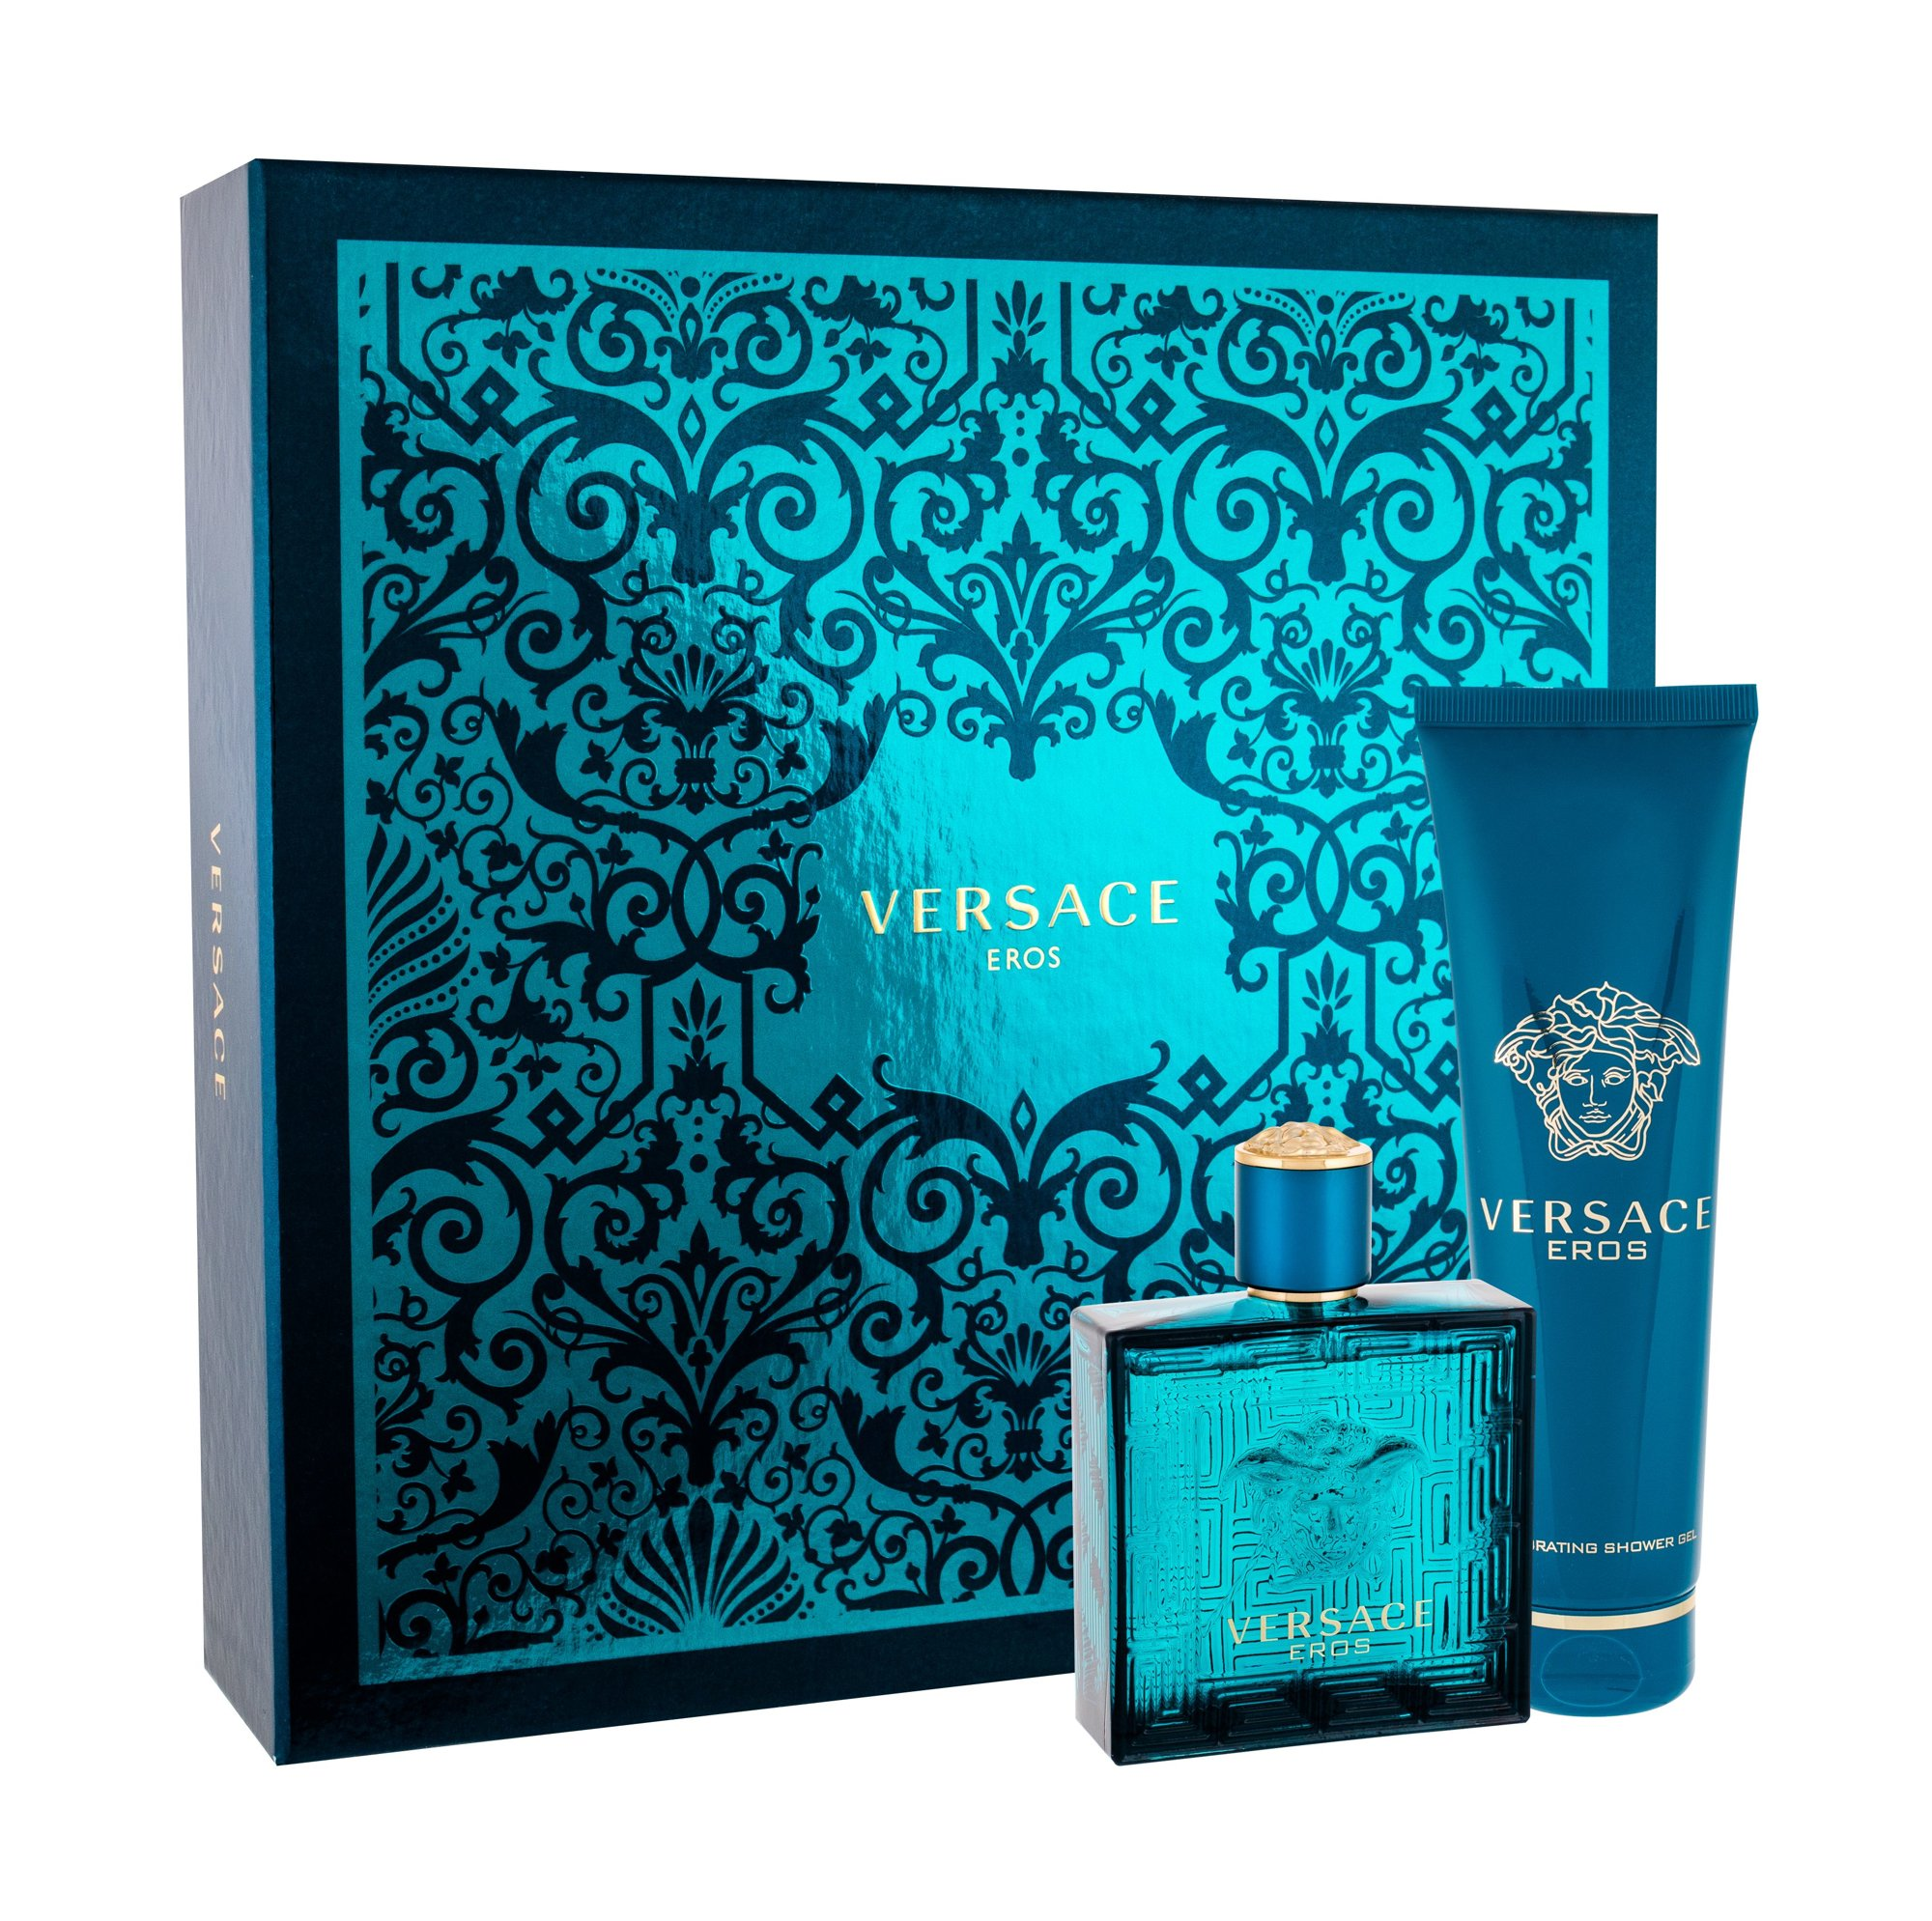 Versace Eros, Toaletní voda 100 ml + sprchovací gél 150 ml